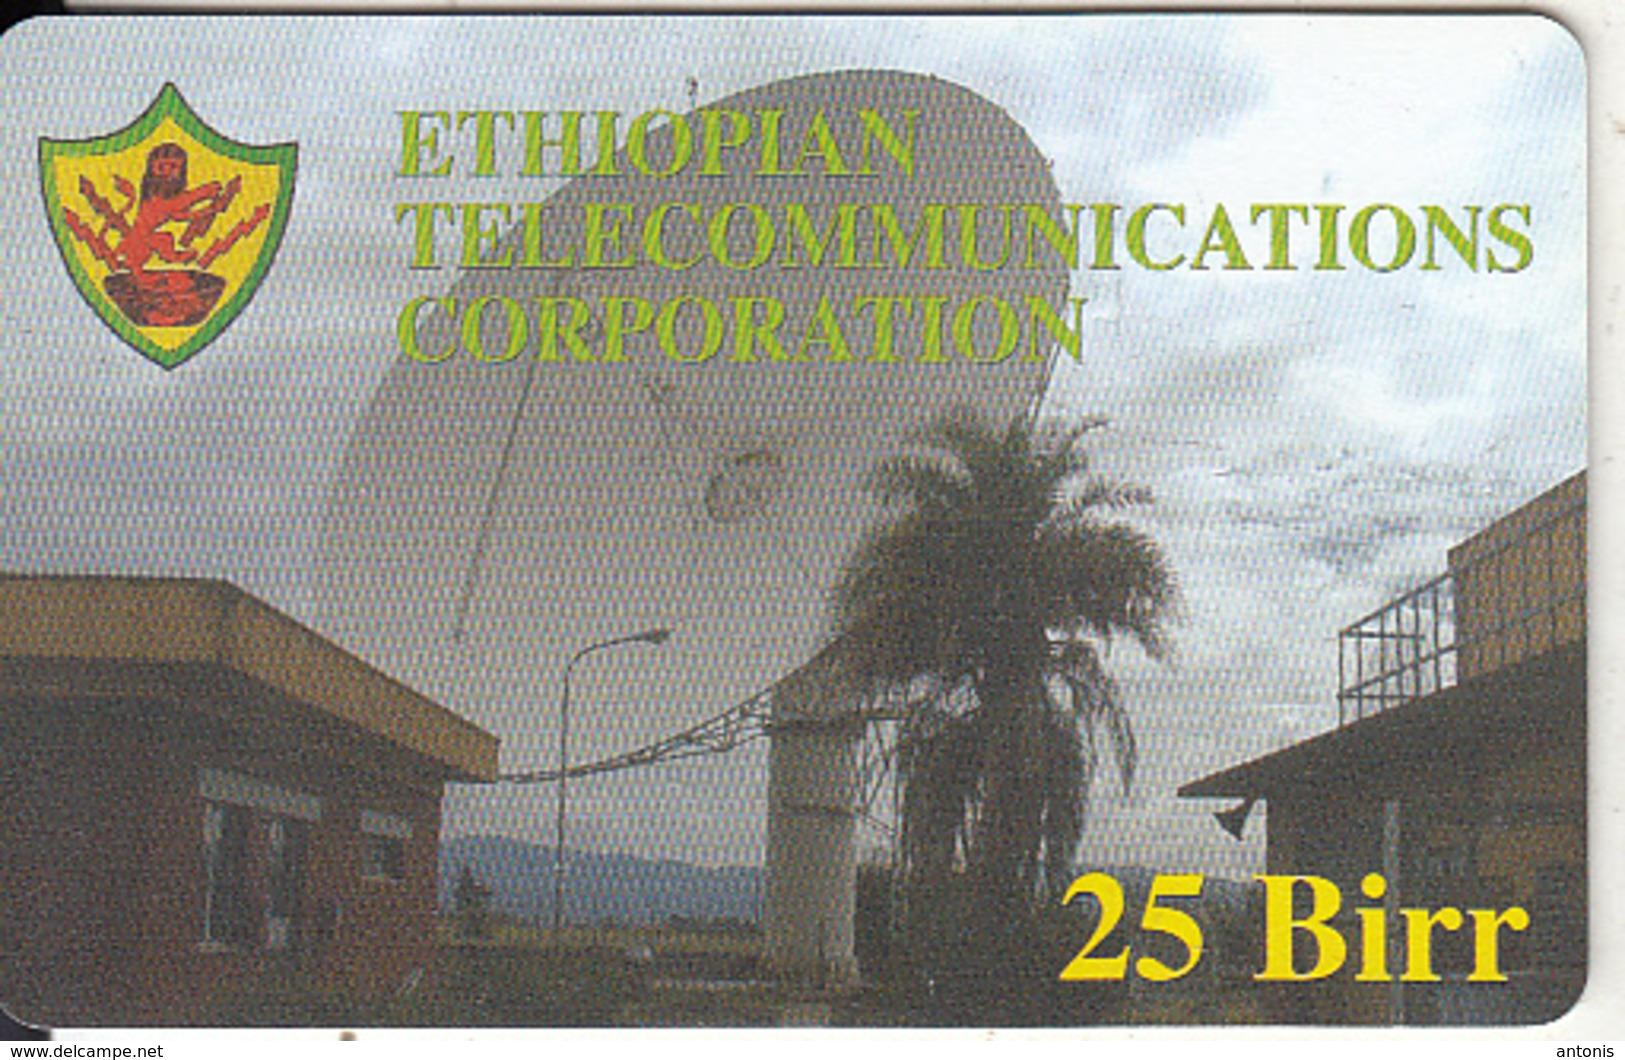 ETHIOPIA - Telecom Logo, Satellite Dish, ETC Telecard 25 Birr, Exp.date 31/12/07, Mint - Ethiopia